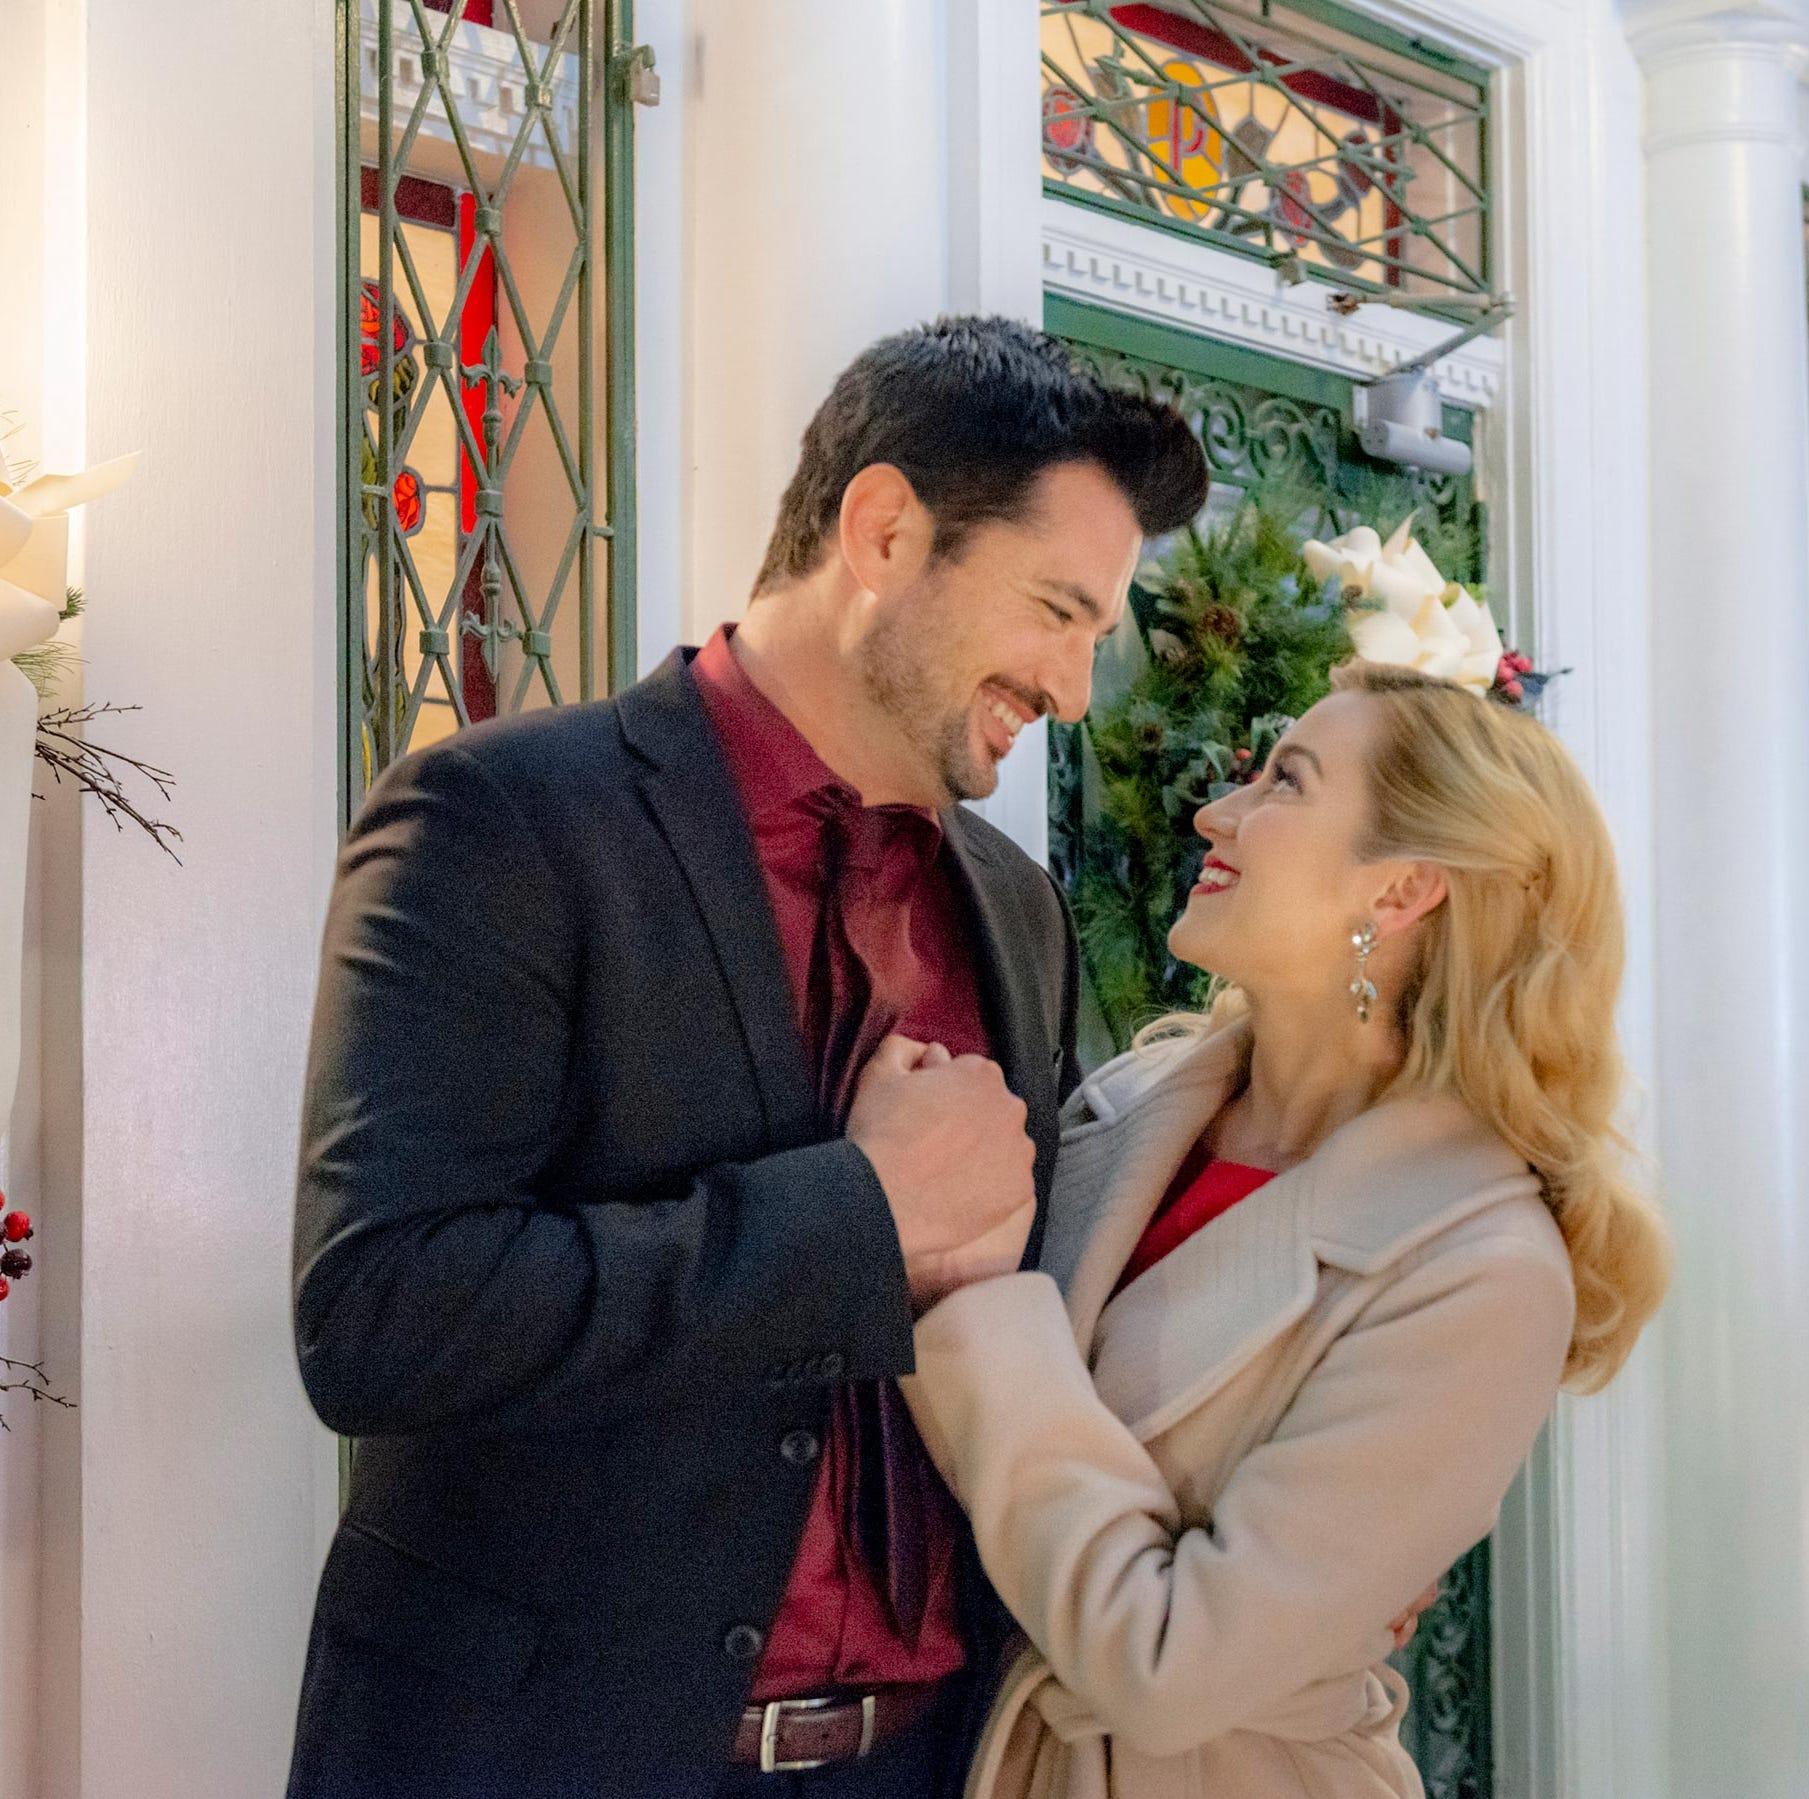 'Wedding at Graceland' premiere set for June on Hallmark Channel